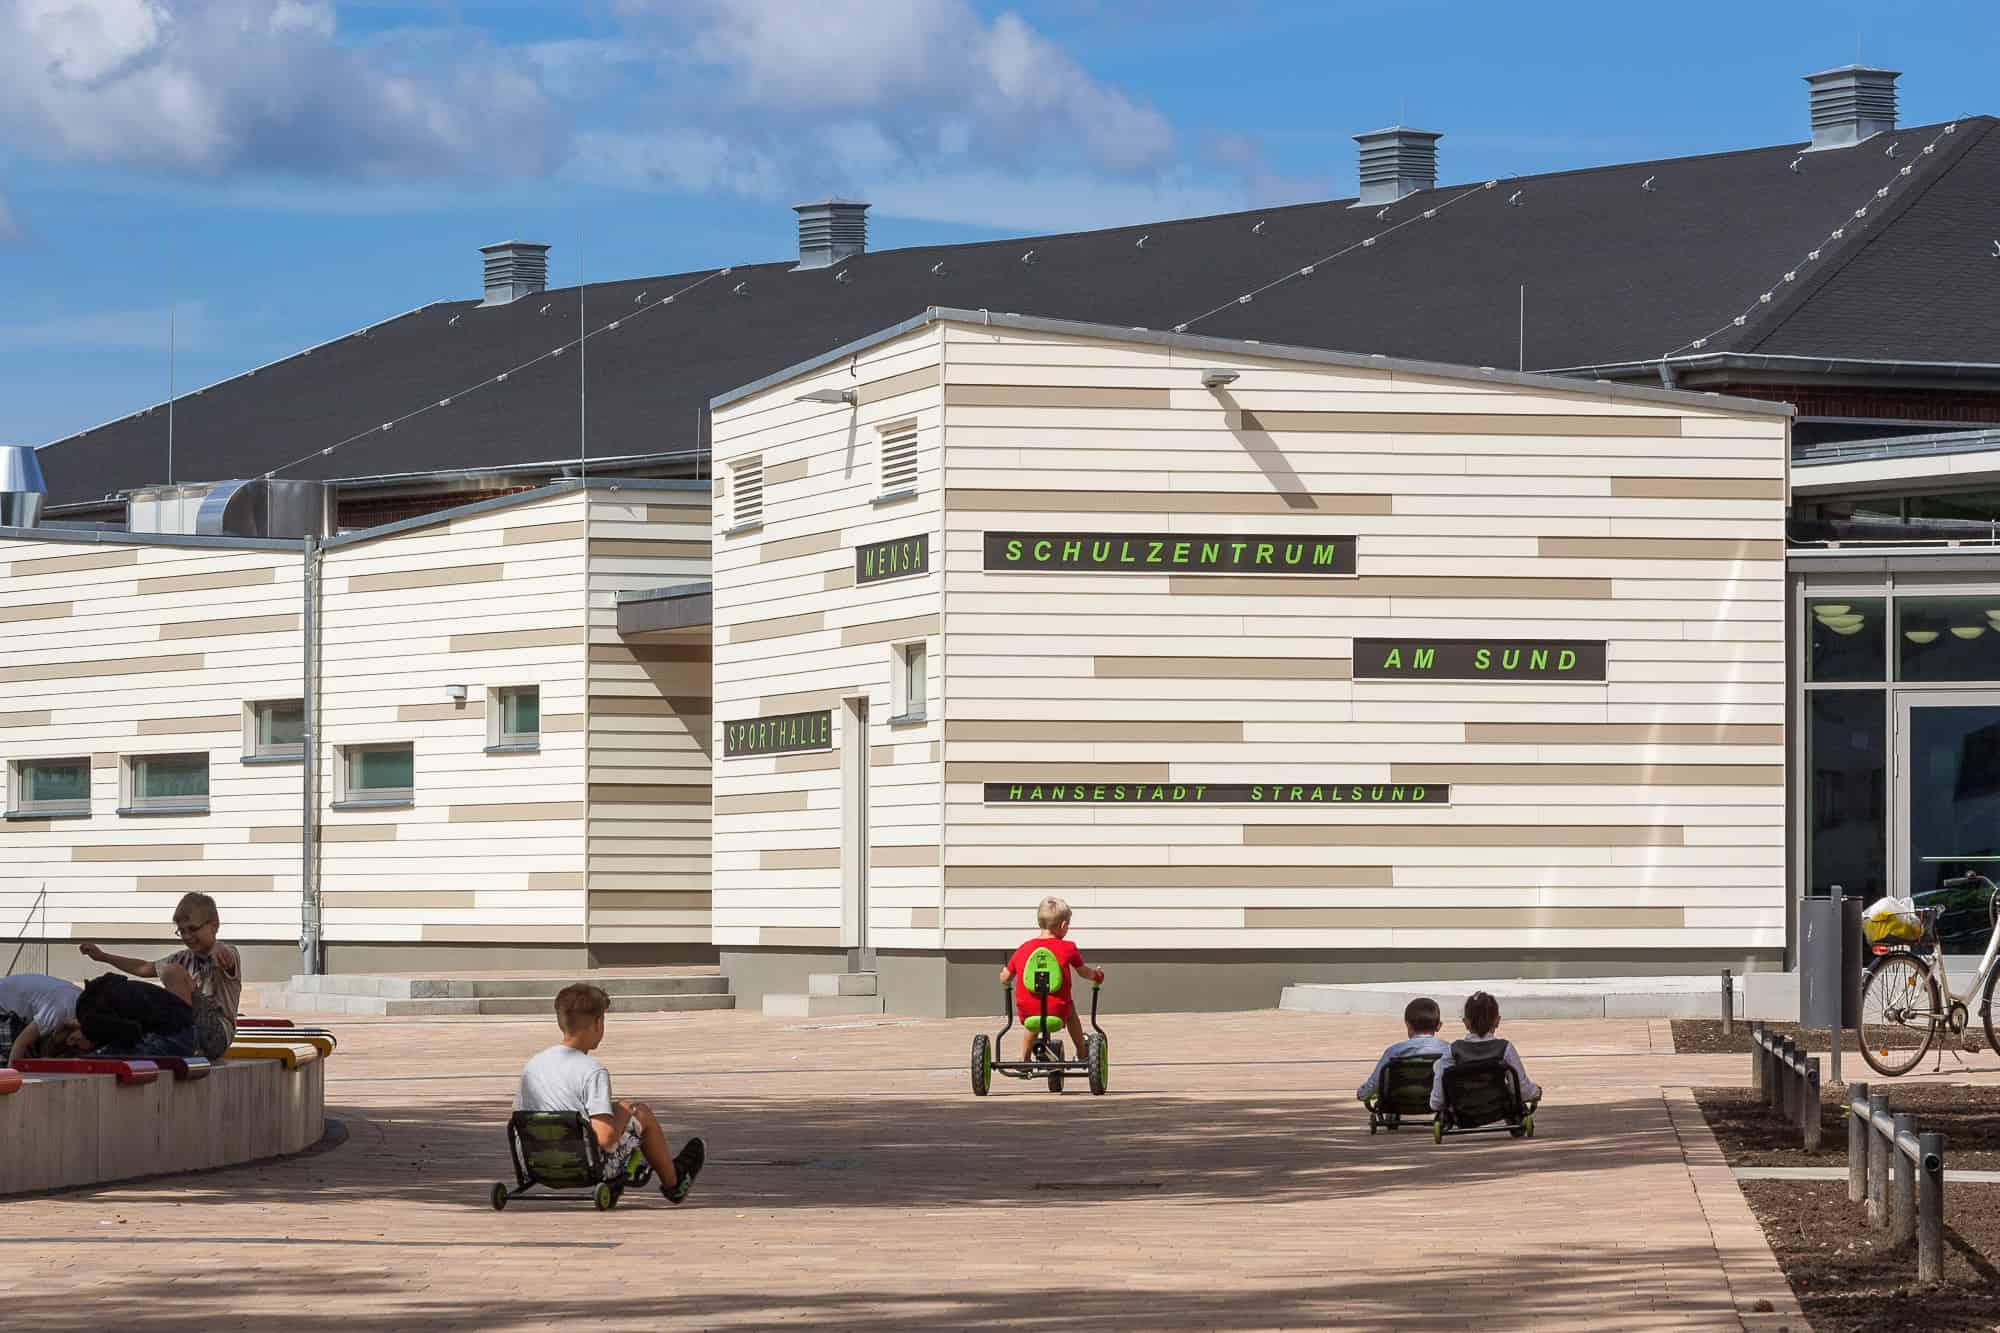 Gothegymnasium - Schulzentrum am Sund